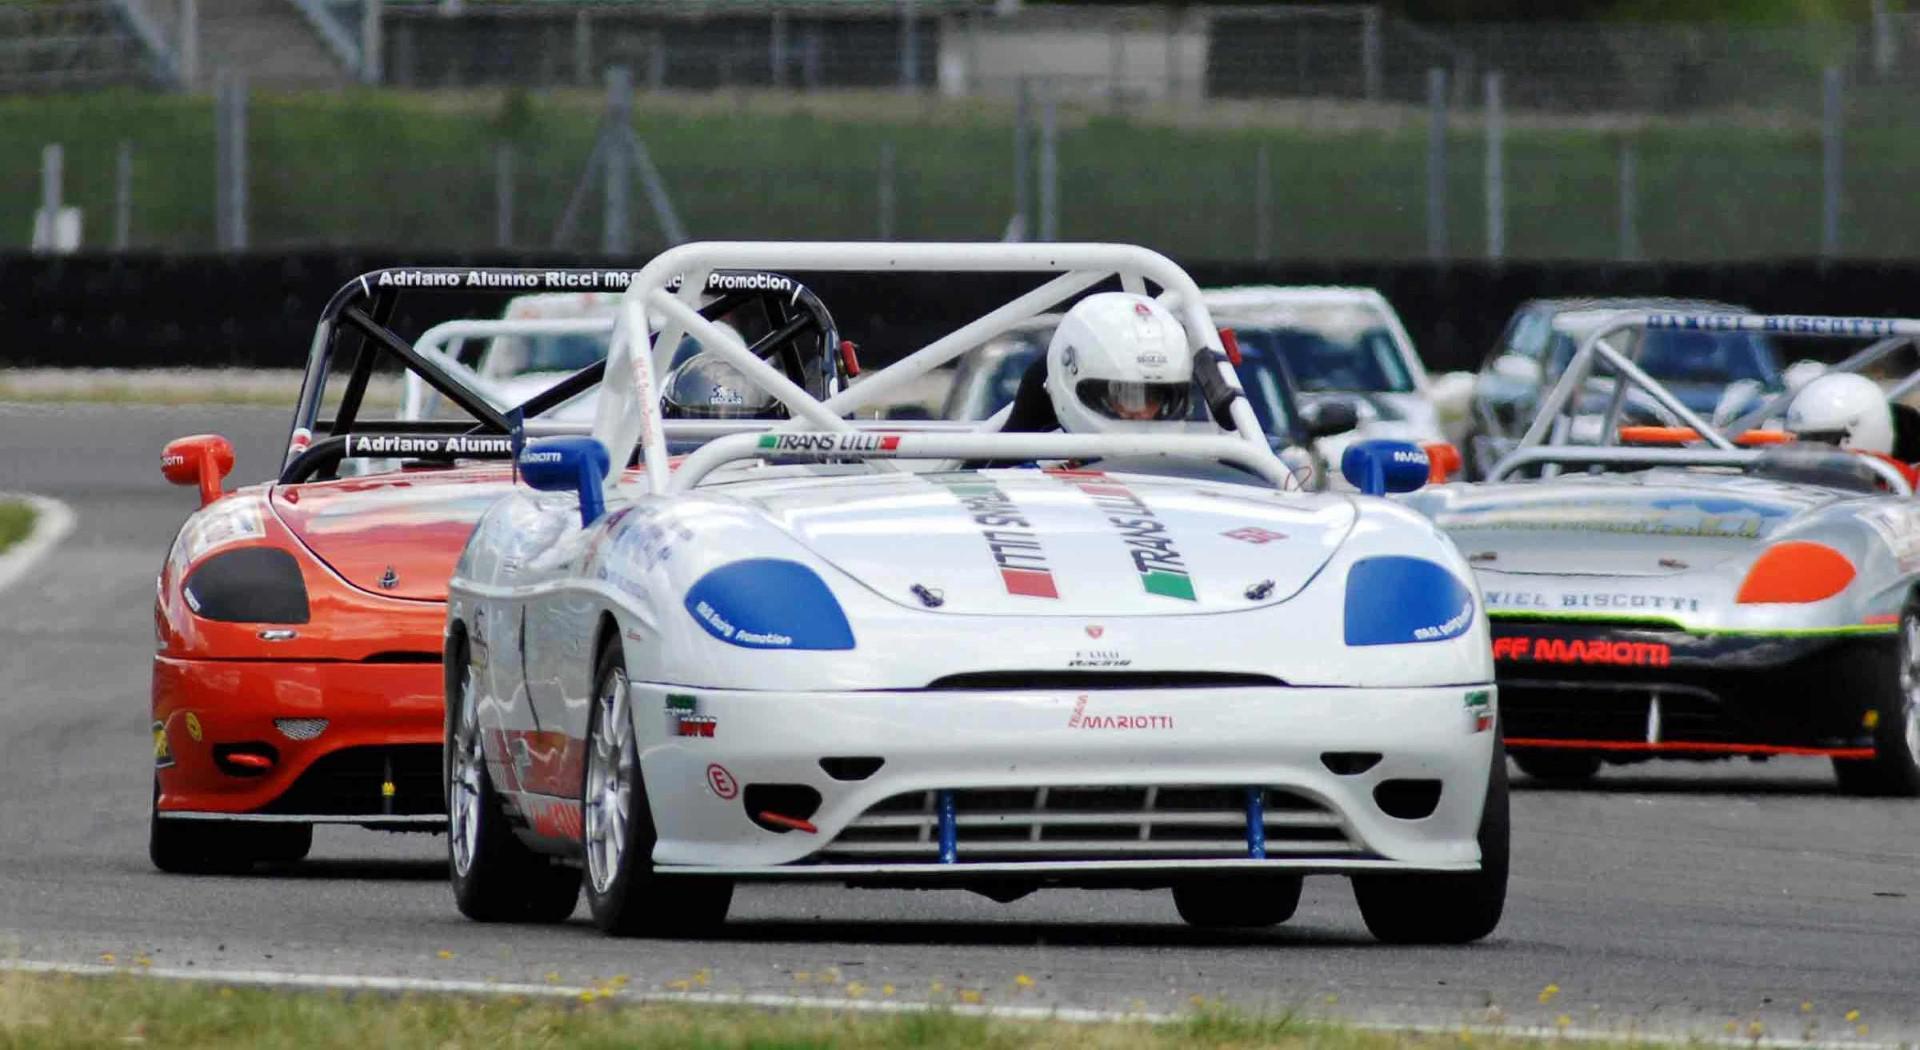 voitures-de-sports-qui-auront-25-ans-aujourd-hui-1269-42.jpg